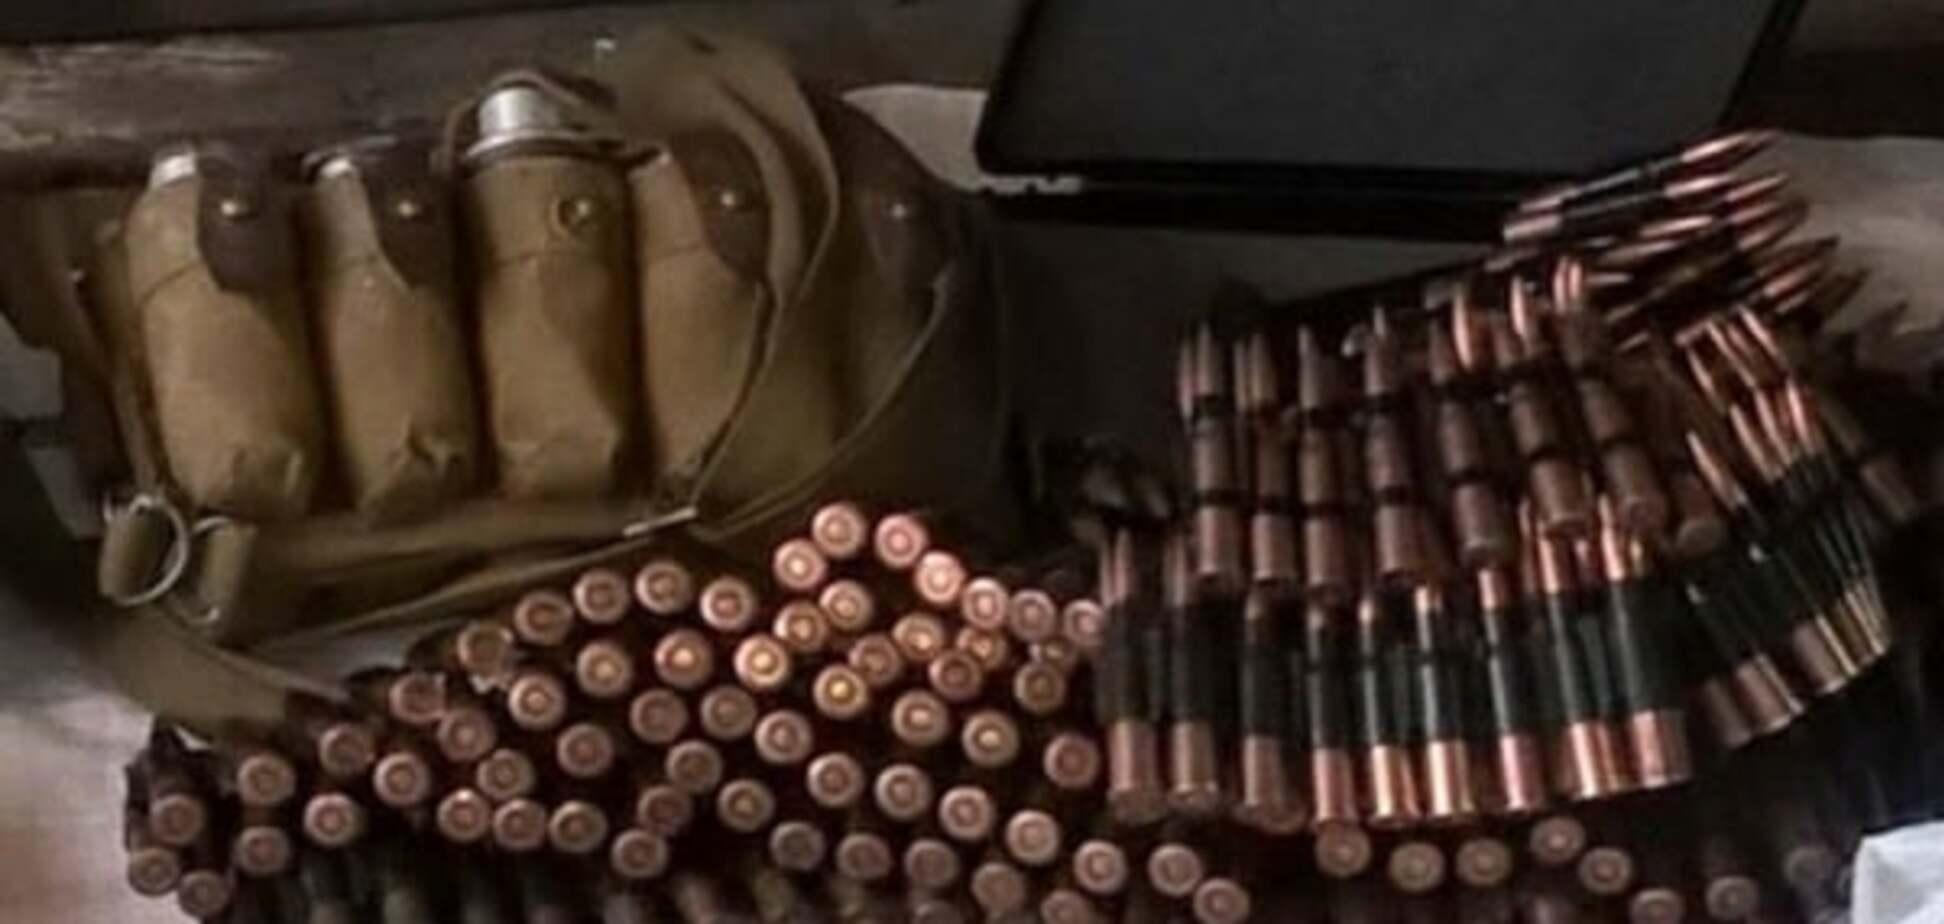 Кому війна, а кому мати рідна: у Харкові бійці АТО розгорнули бізнес на продажі зброї